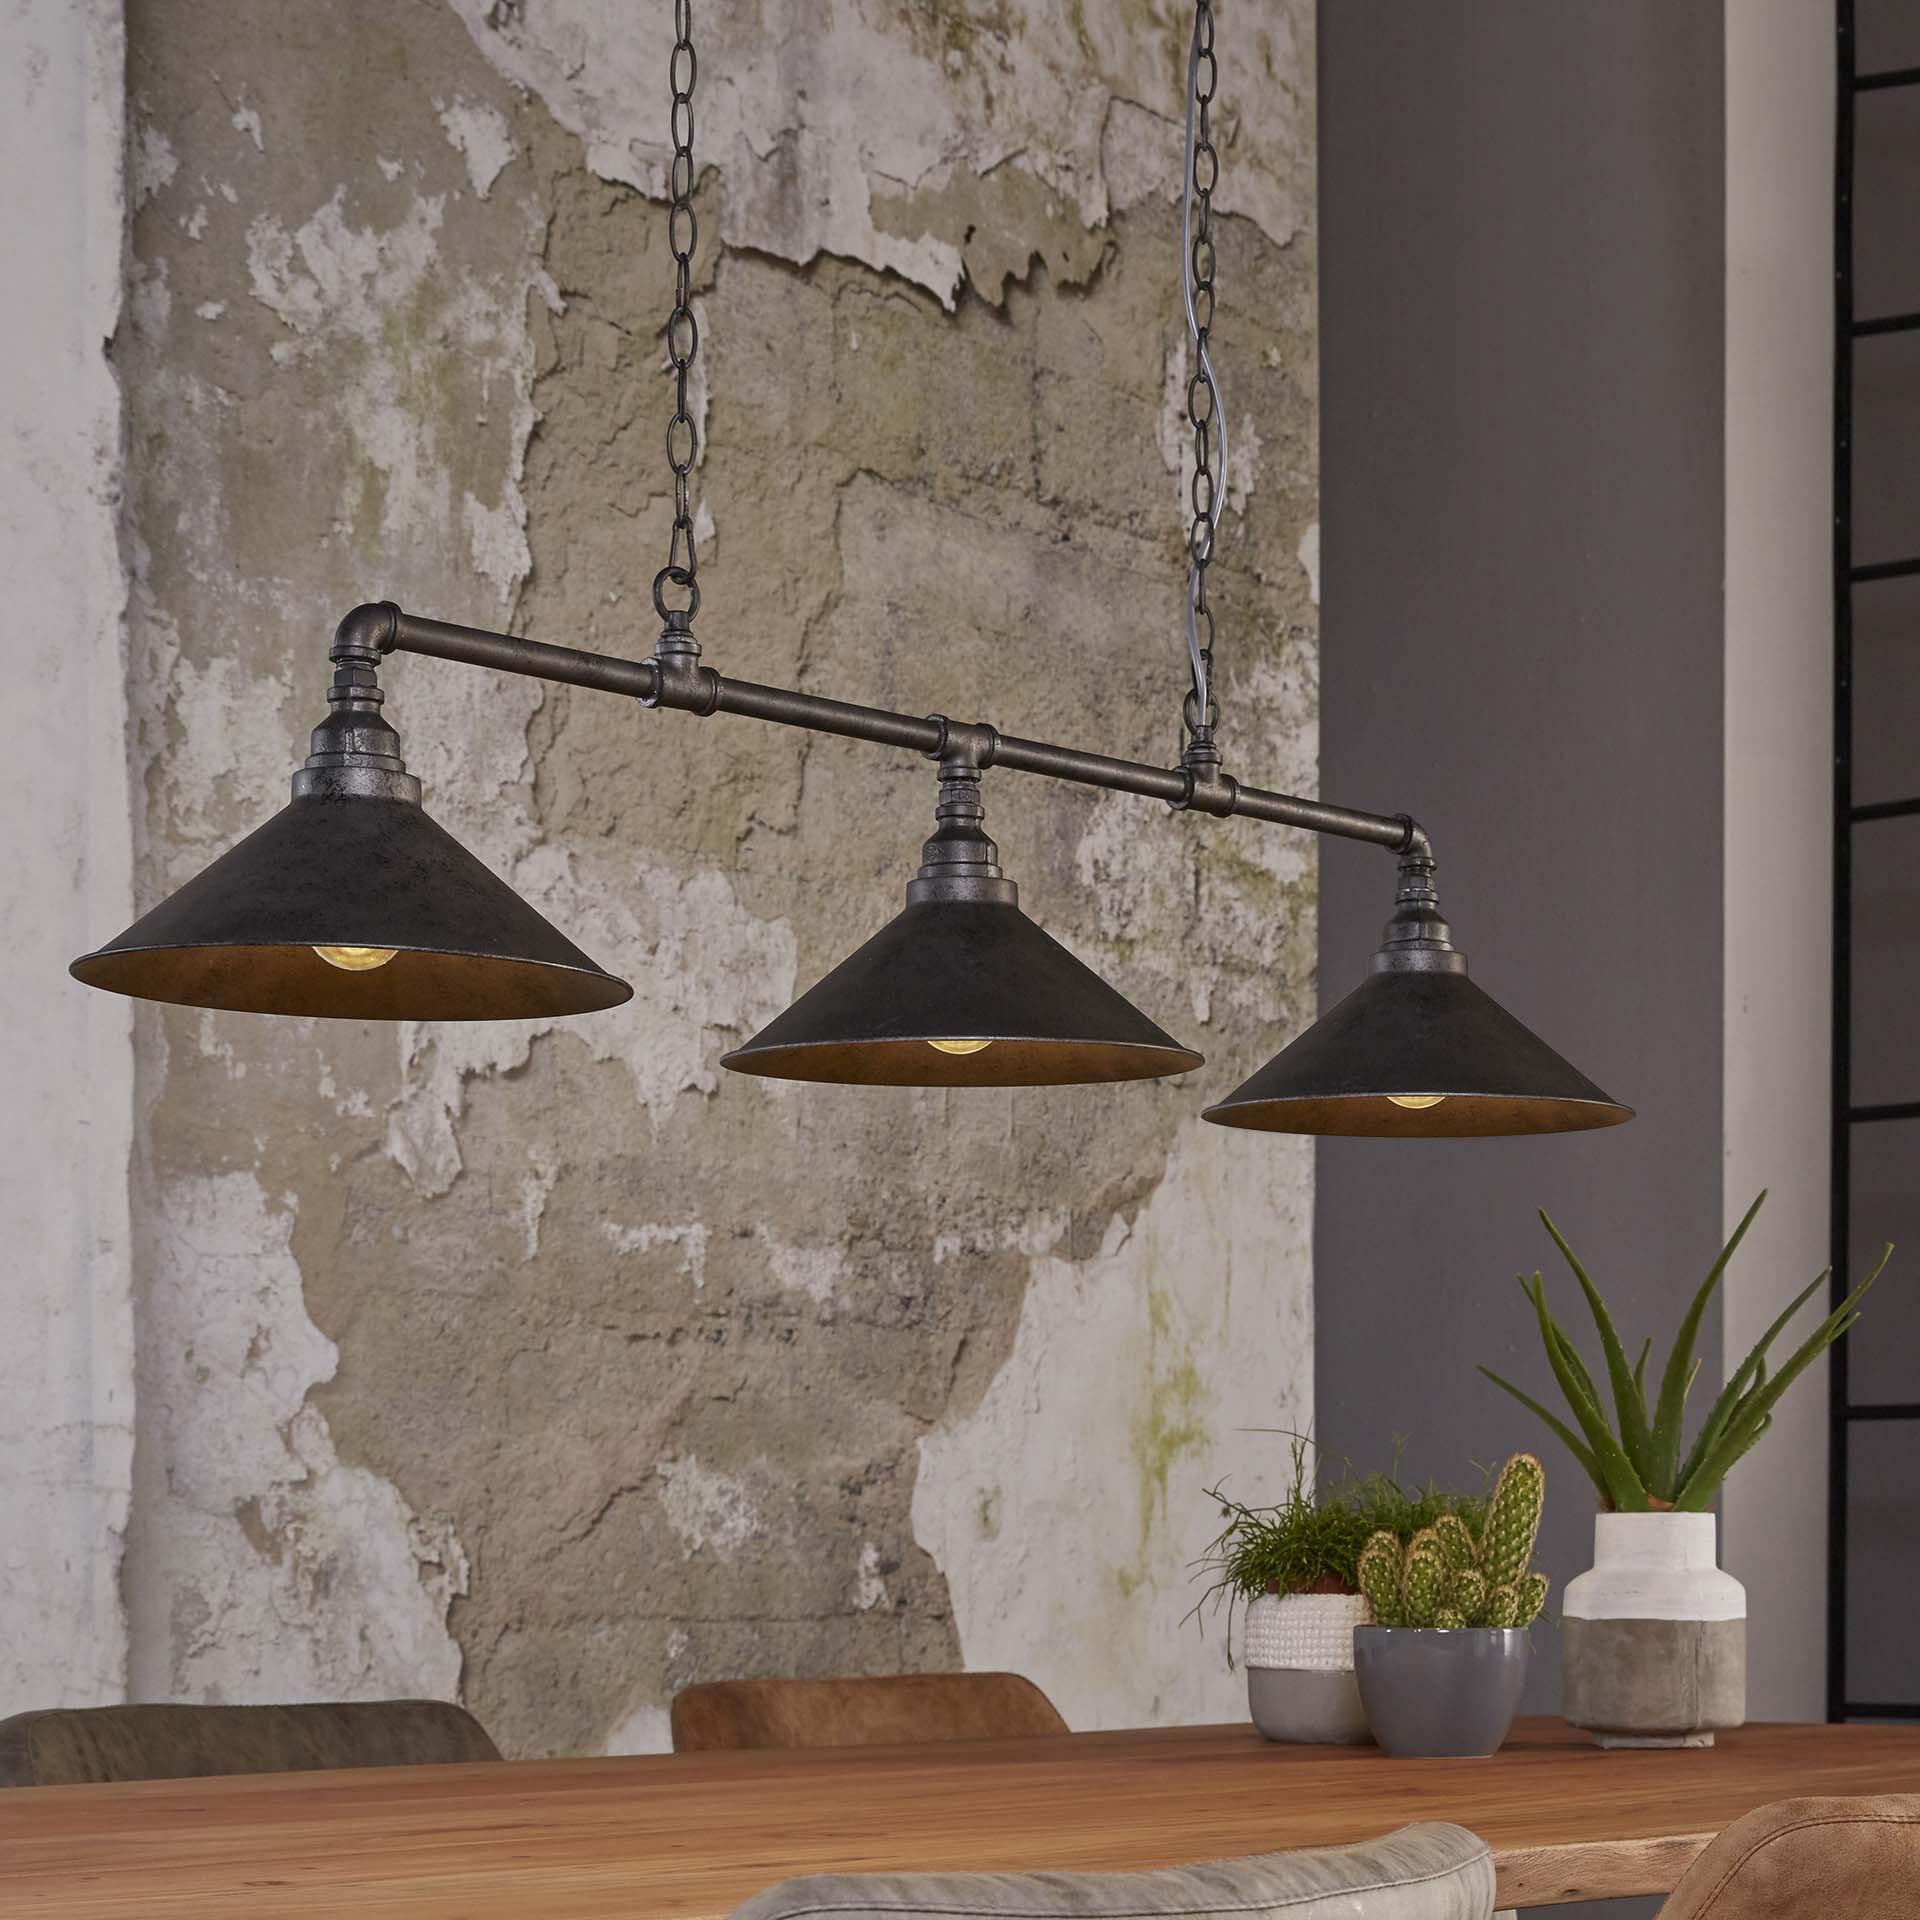 Industriële Hanglamp 'Rod' met 3 kappen van Ø30 cm Verlichting | Hanglampen vergelijken doe je het voordeligst hier bij Meubelpartner